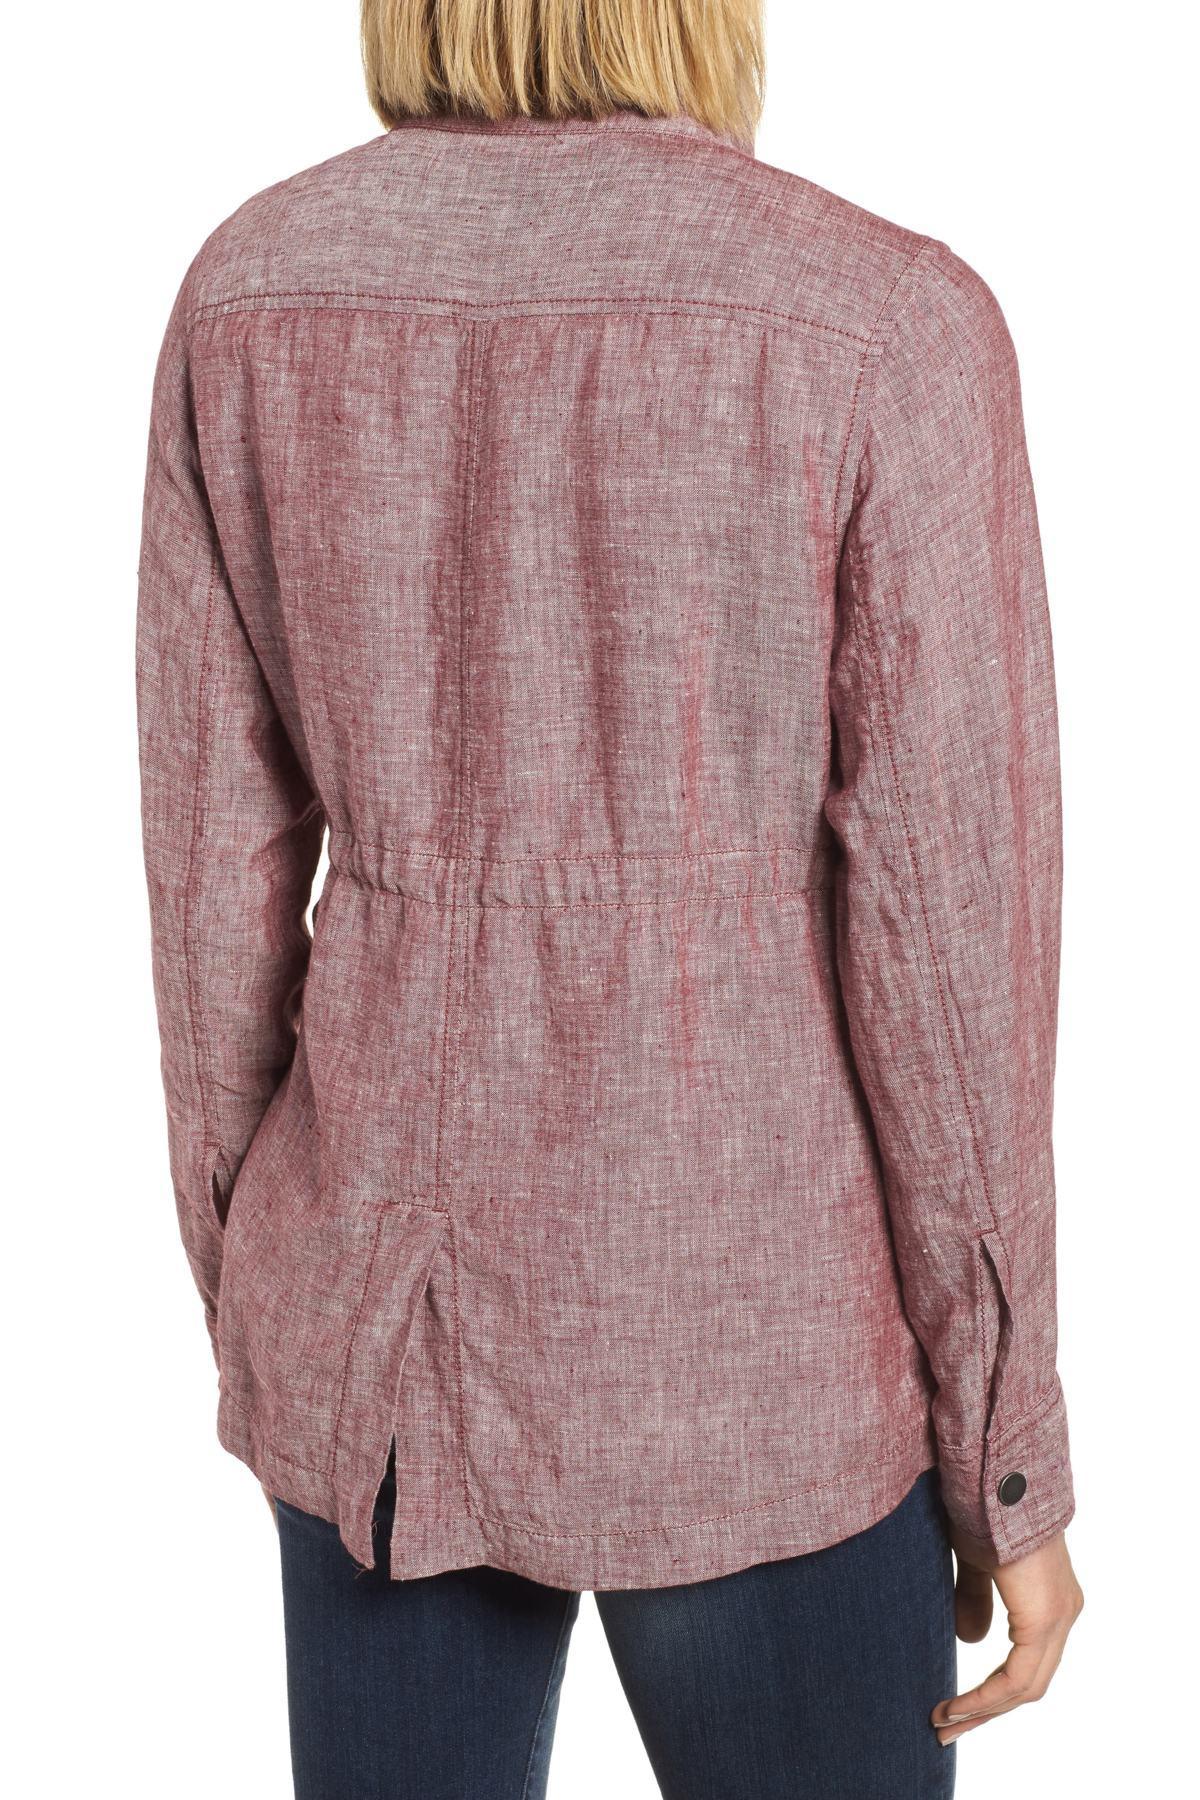 a067ad87f61 Caslon - Red Cinch Waist Linen Utility Jacket (petite) - Lyst. View  fullscreen